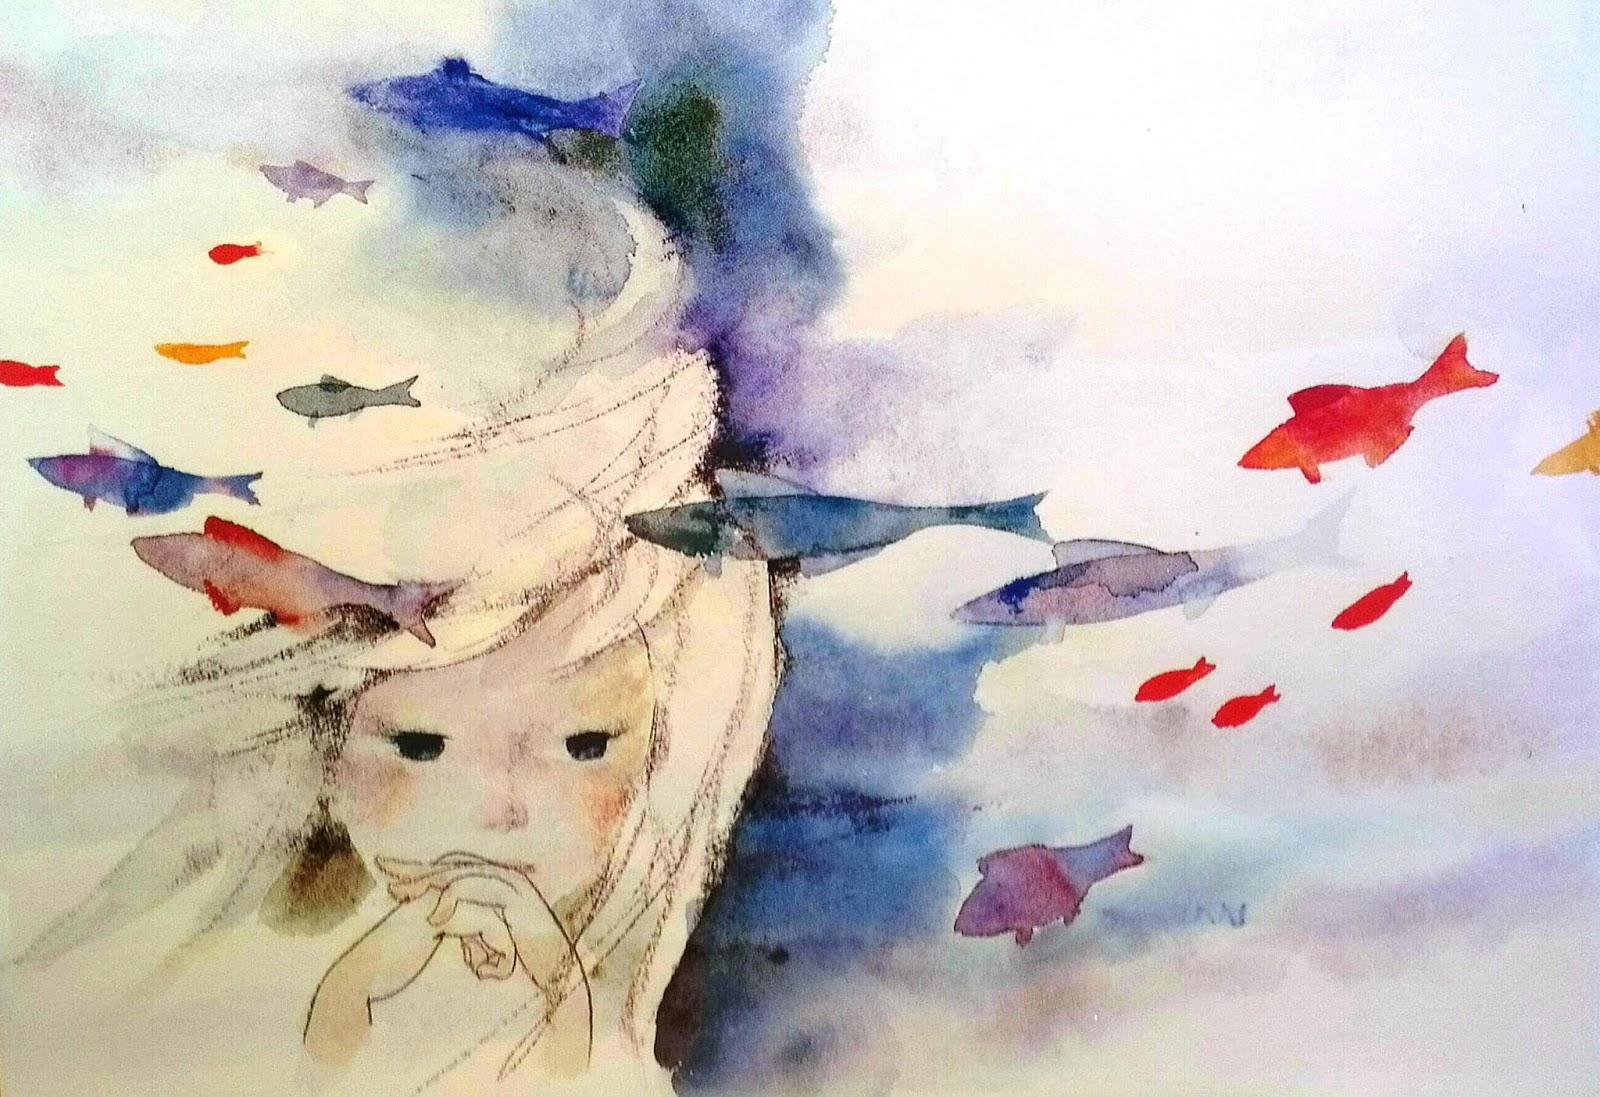 Chihiro Iwasaki è stata una artista giapponese che ha dedicato la sua arte  alle illustrazioni per bambini  disegni ad acquerello dove l atmosfera  bucolica è ... 87ac882bba27